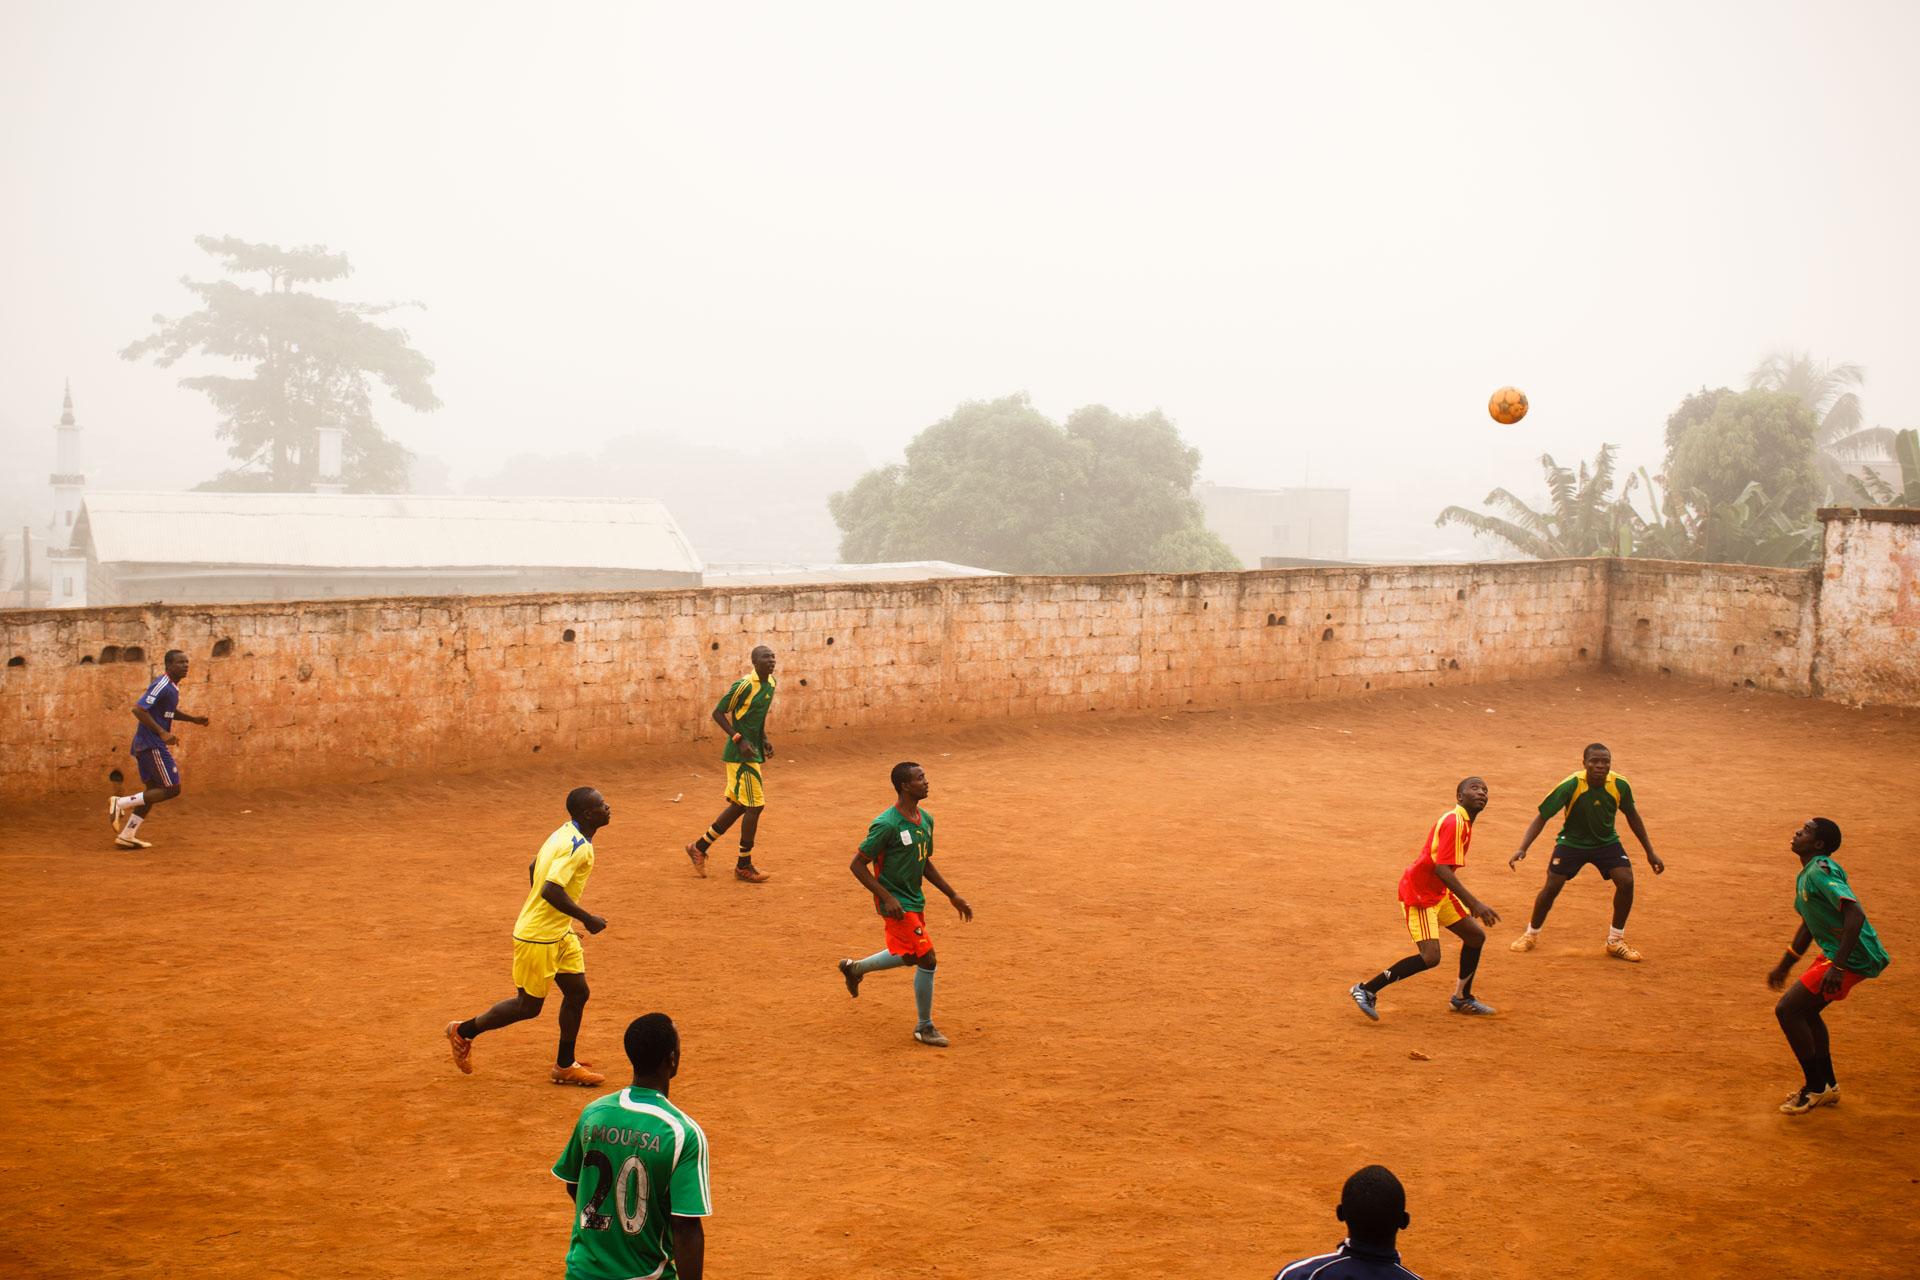 West Africa II